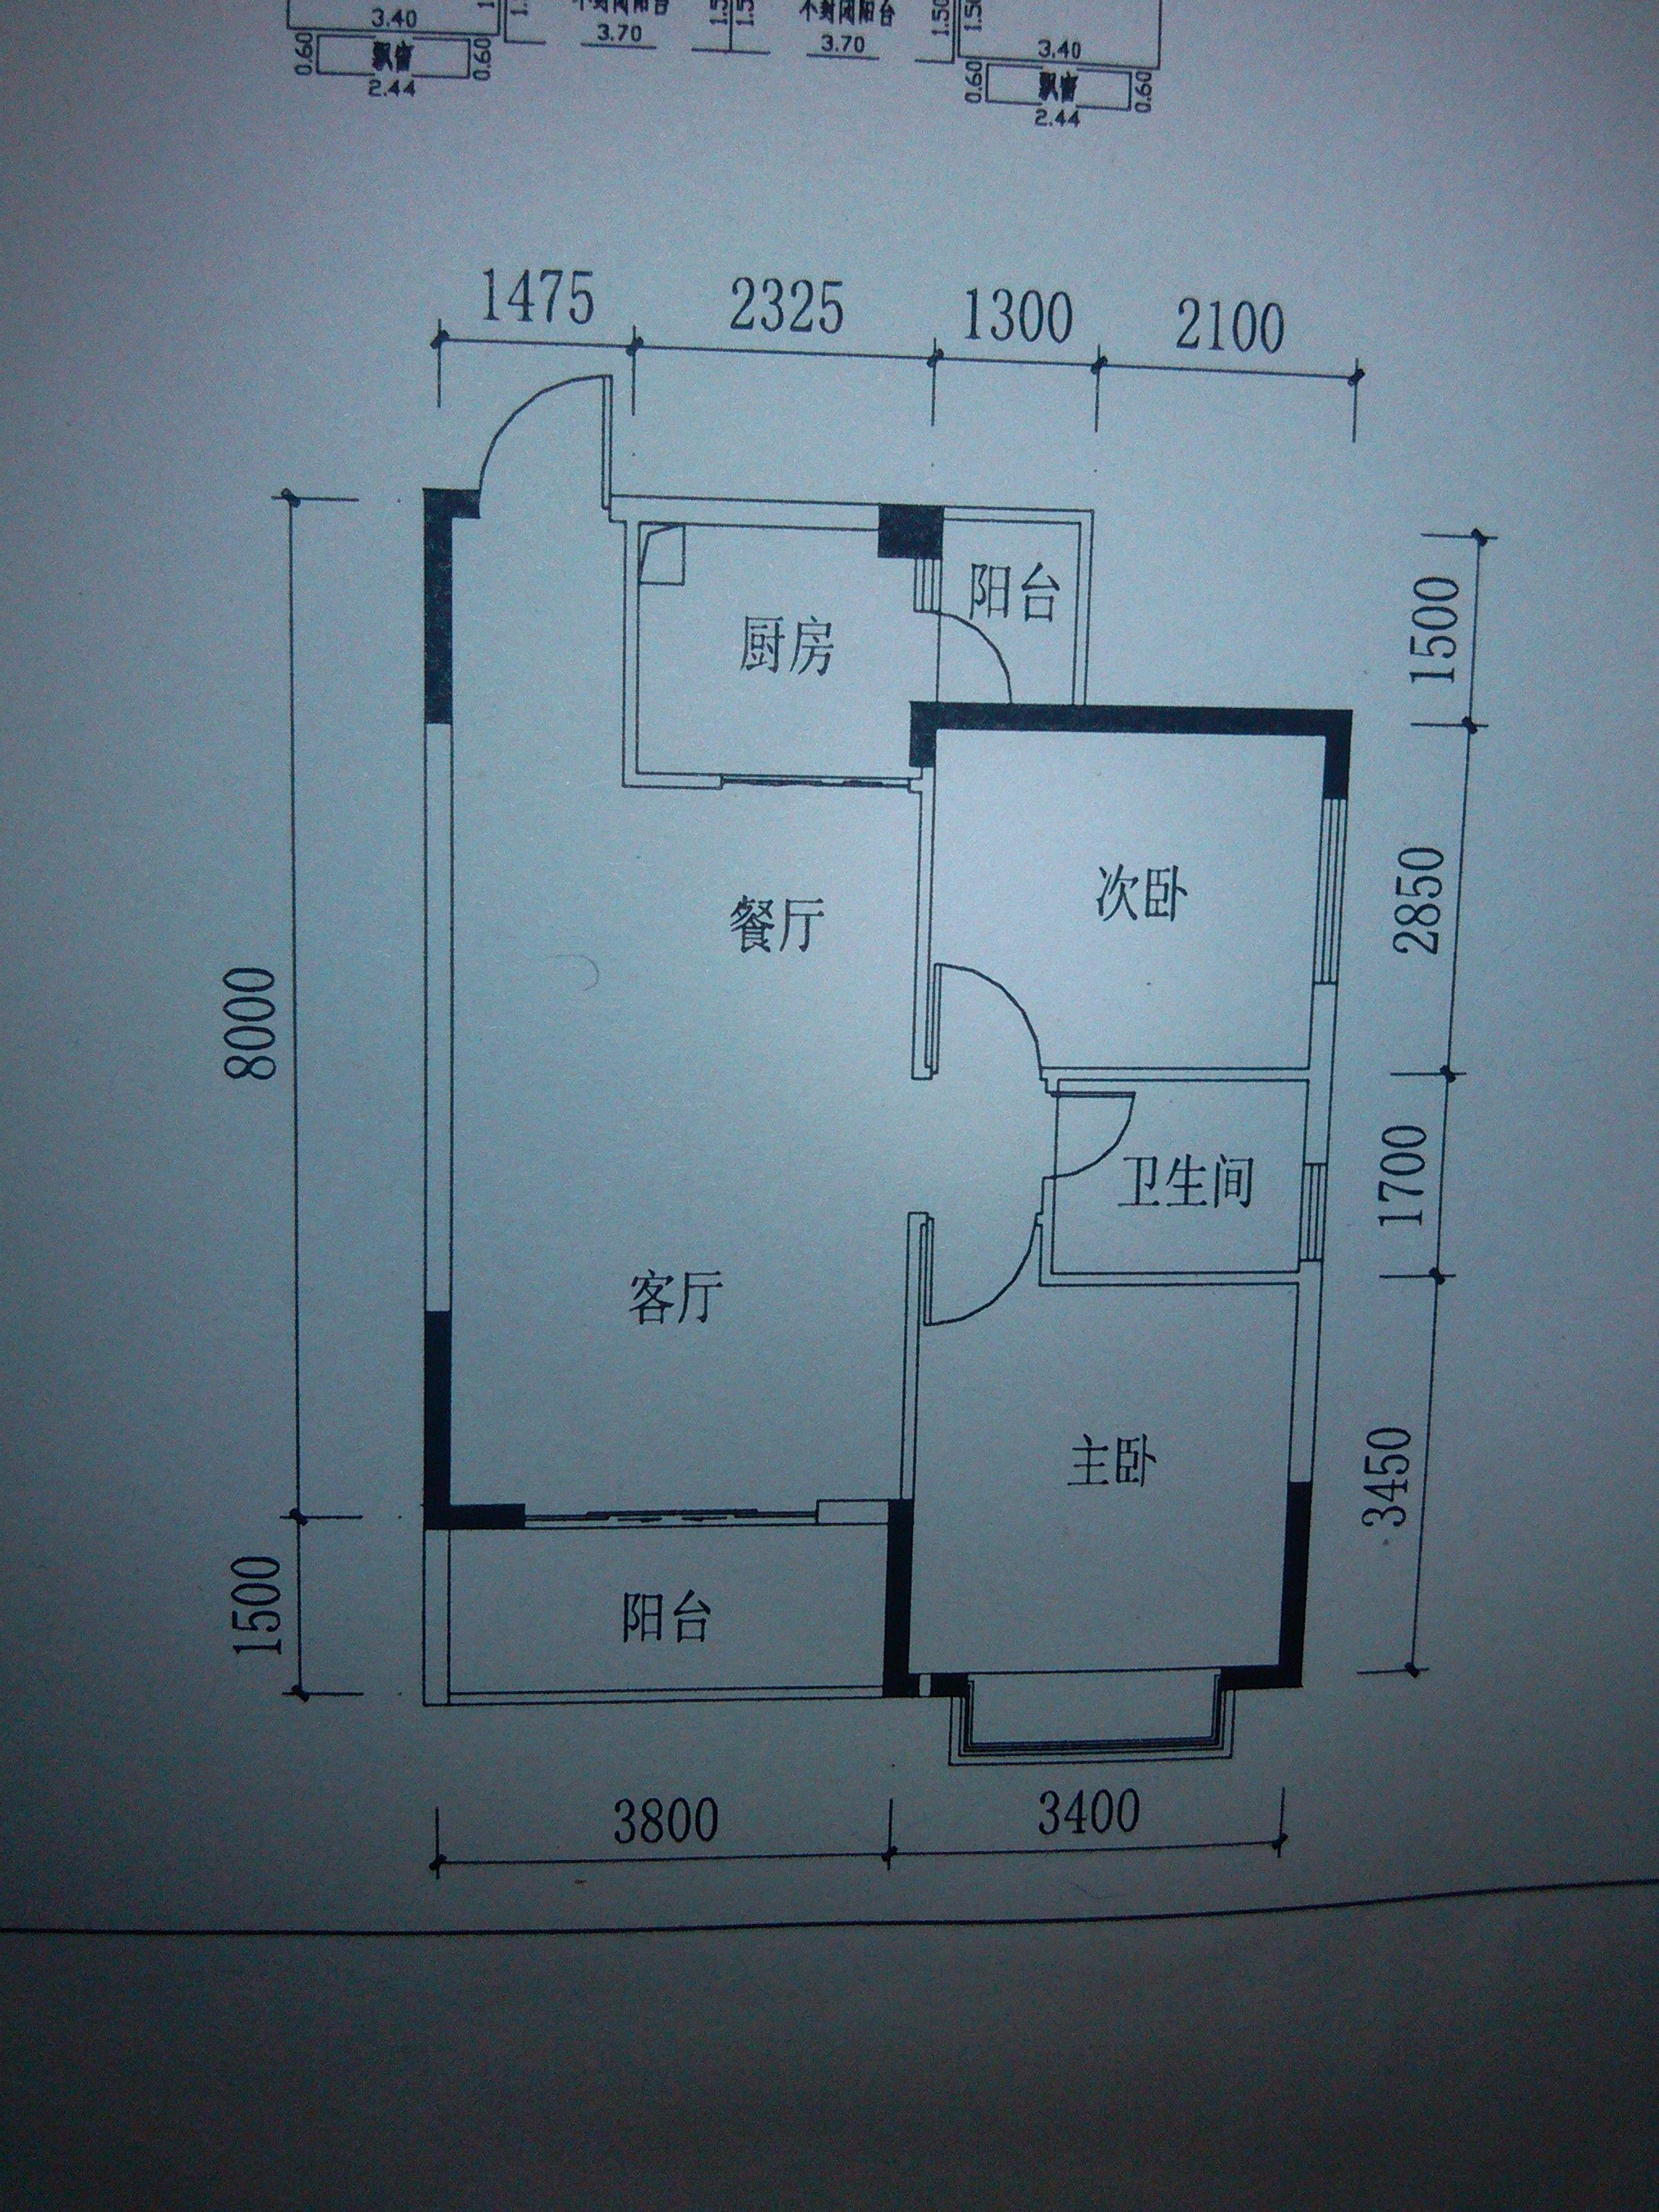 62平的二房一厅如何设计装修好?附平面图